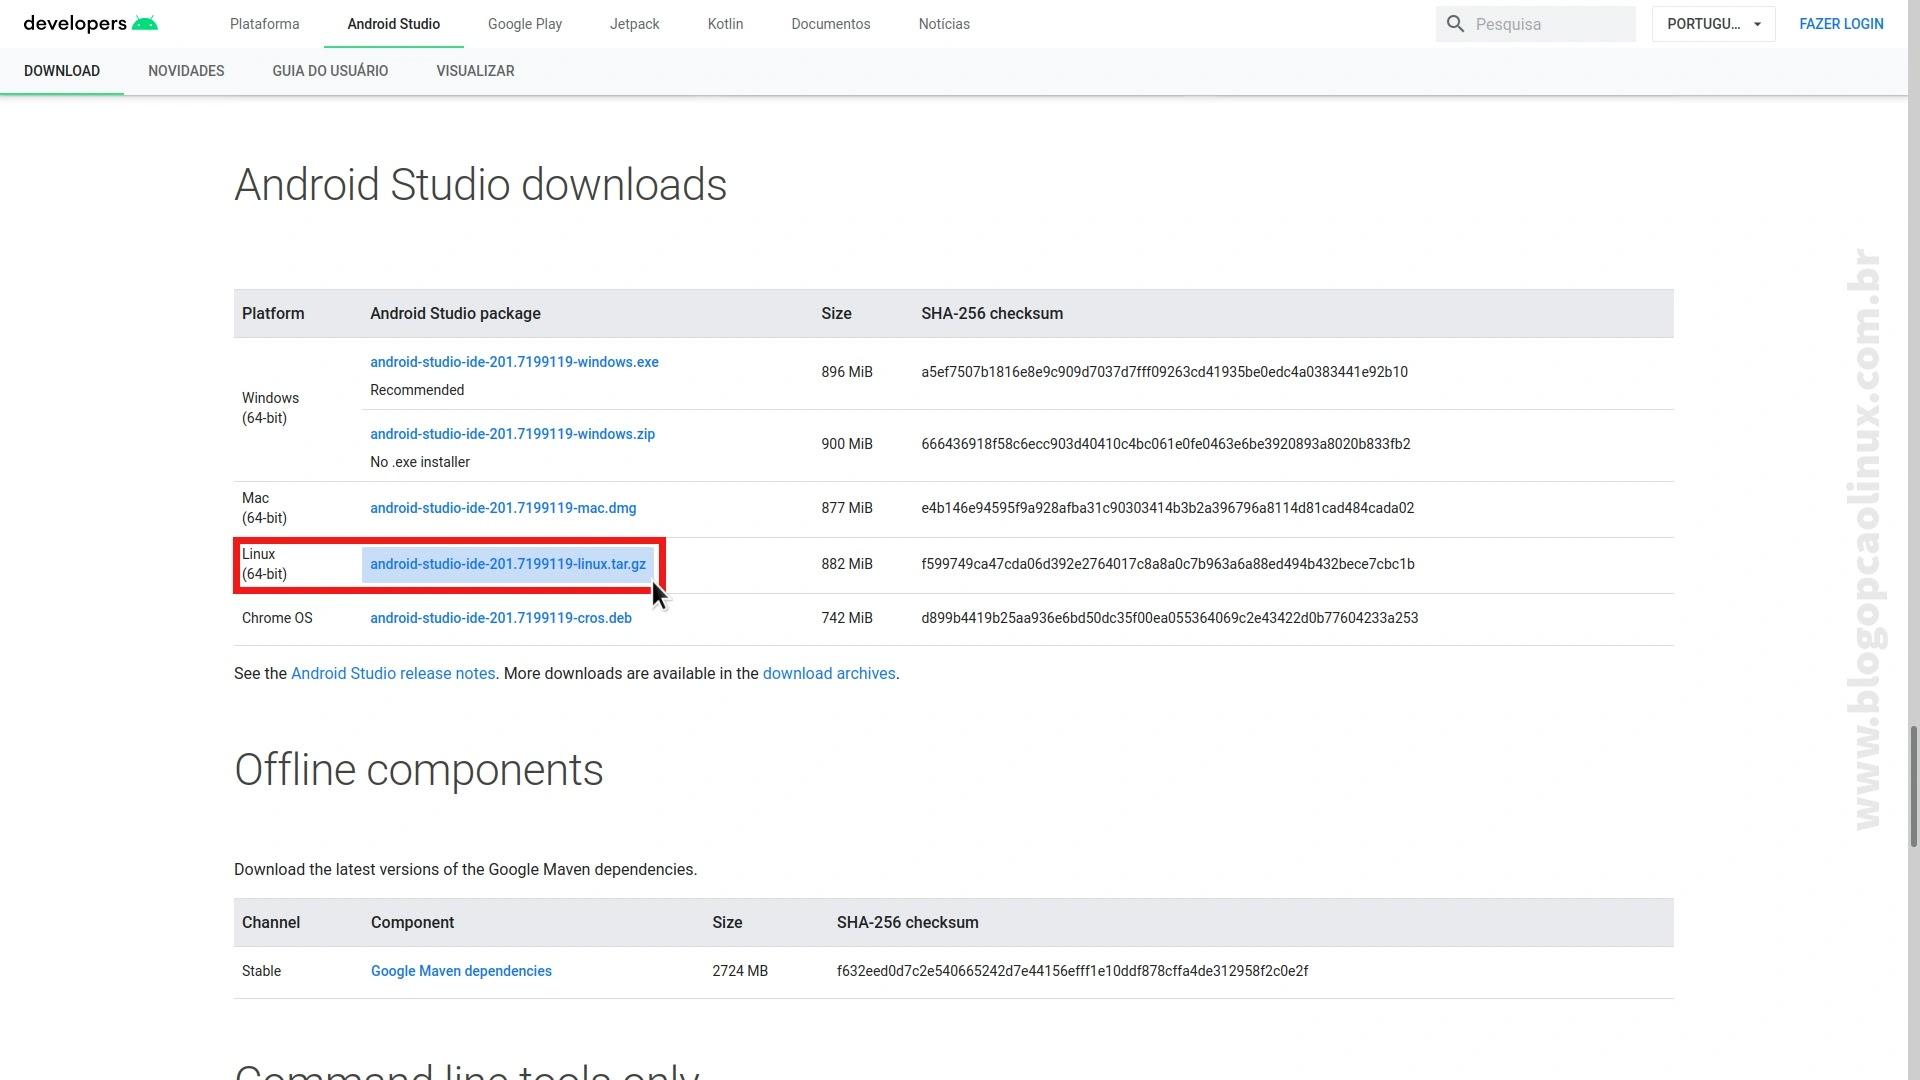 Faça o download do Android Studio